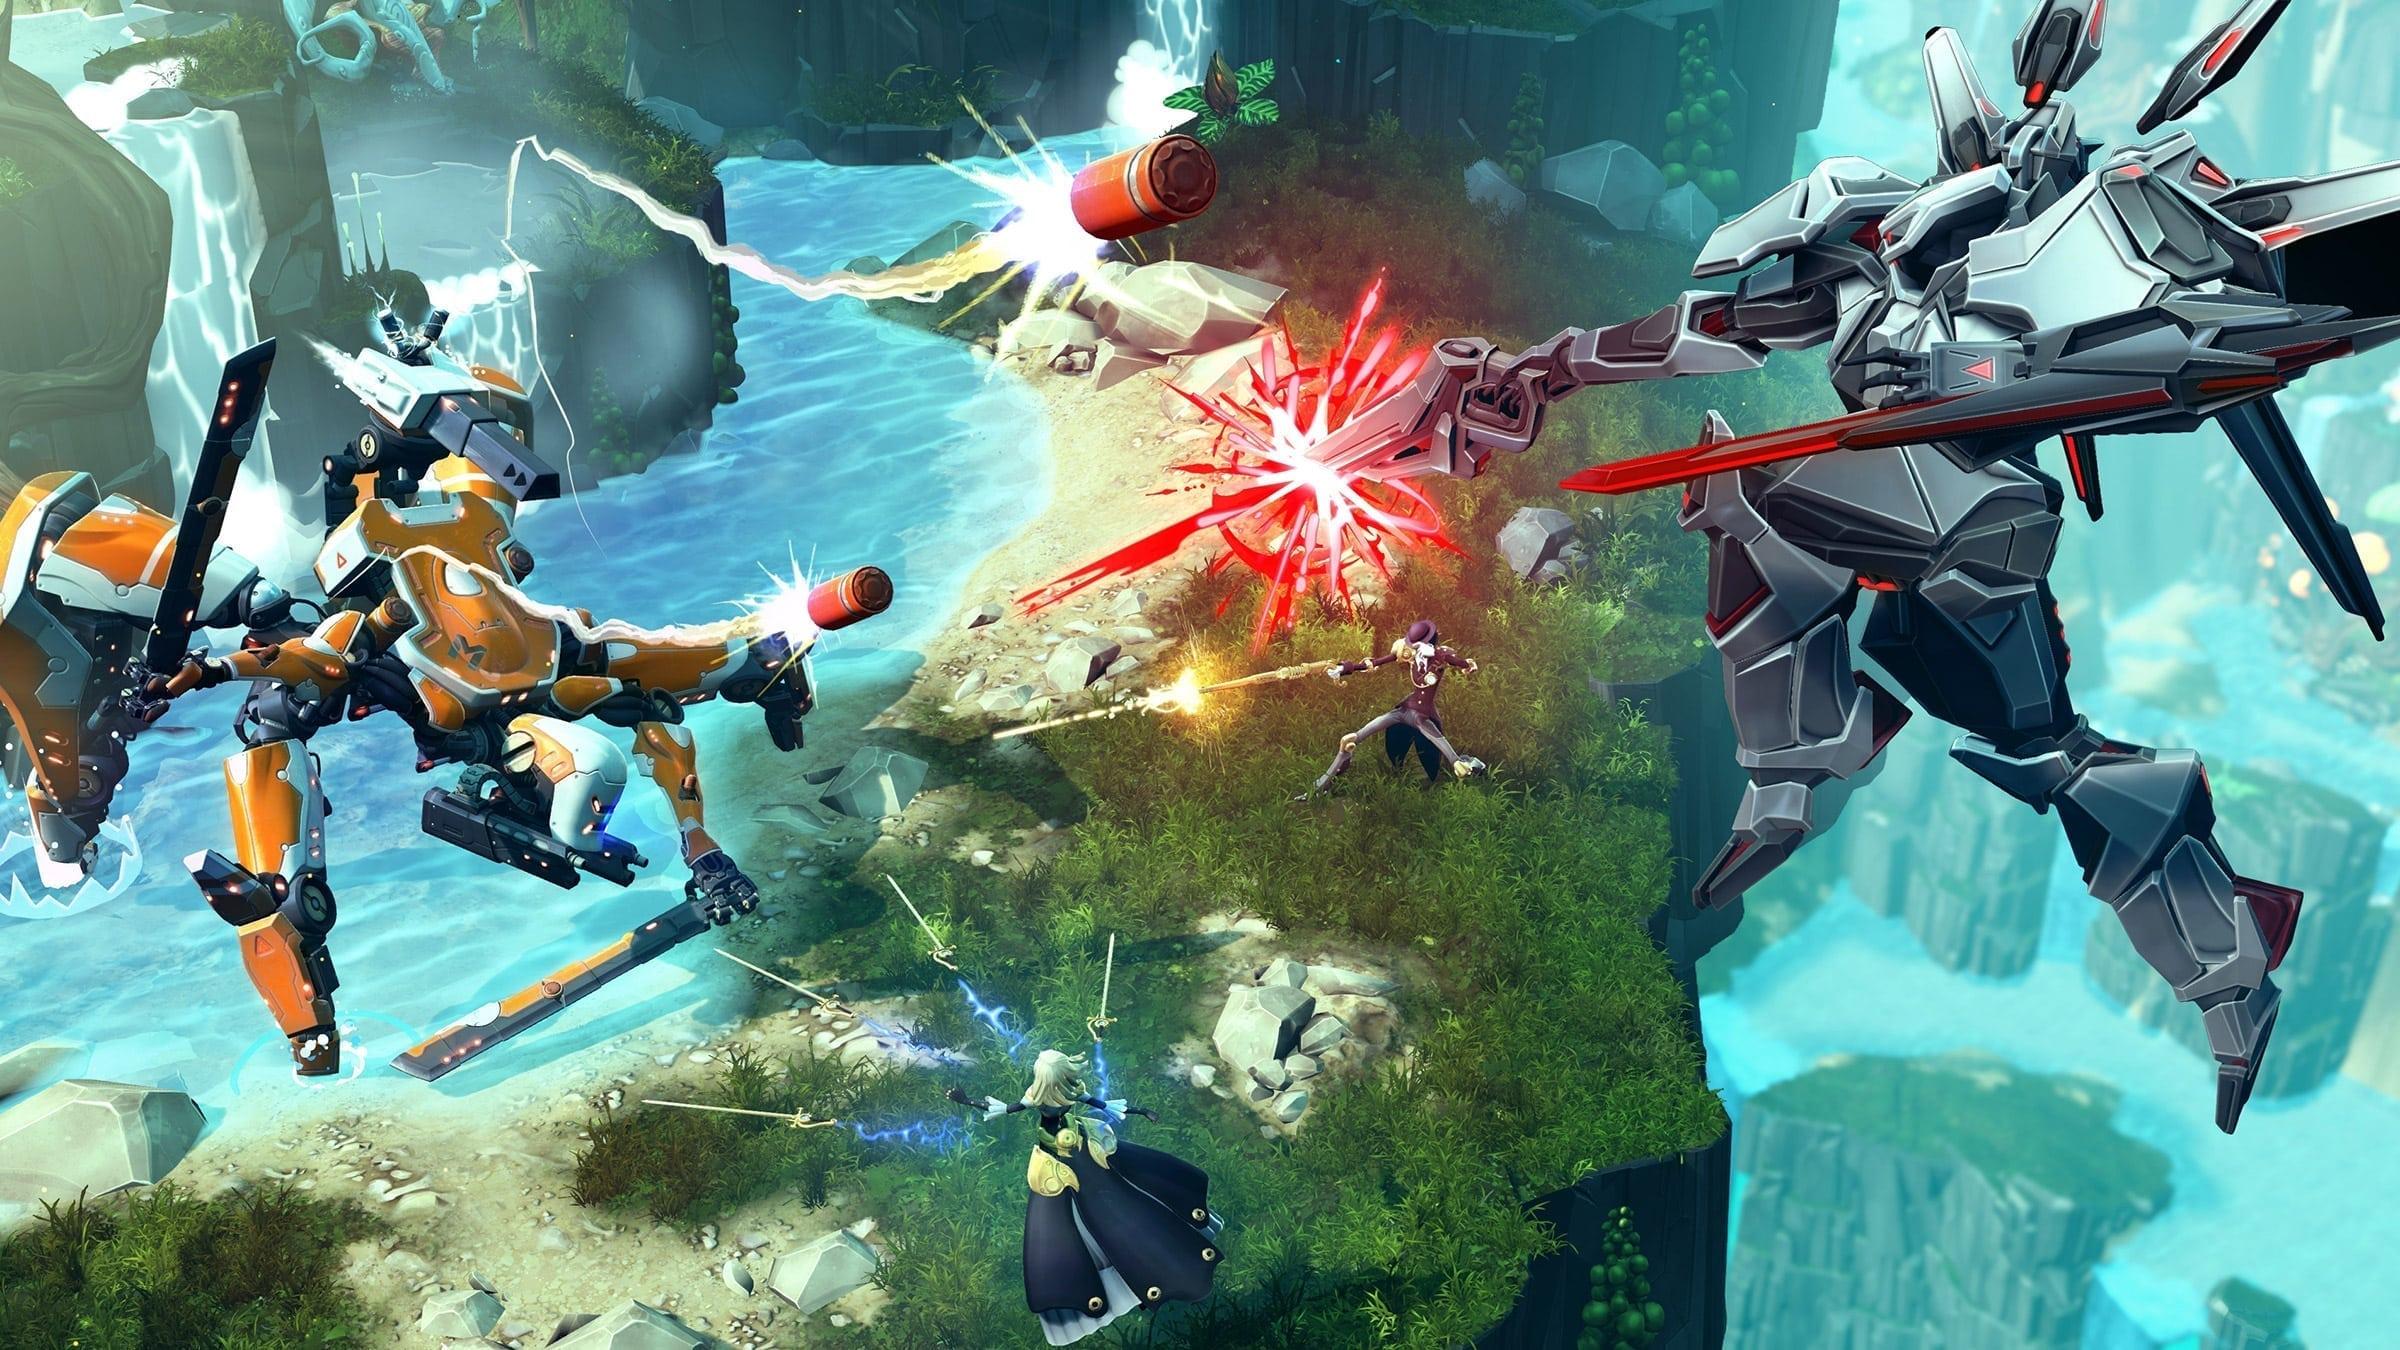 Battleborn screenshot 1